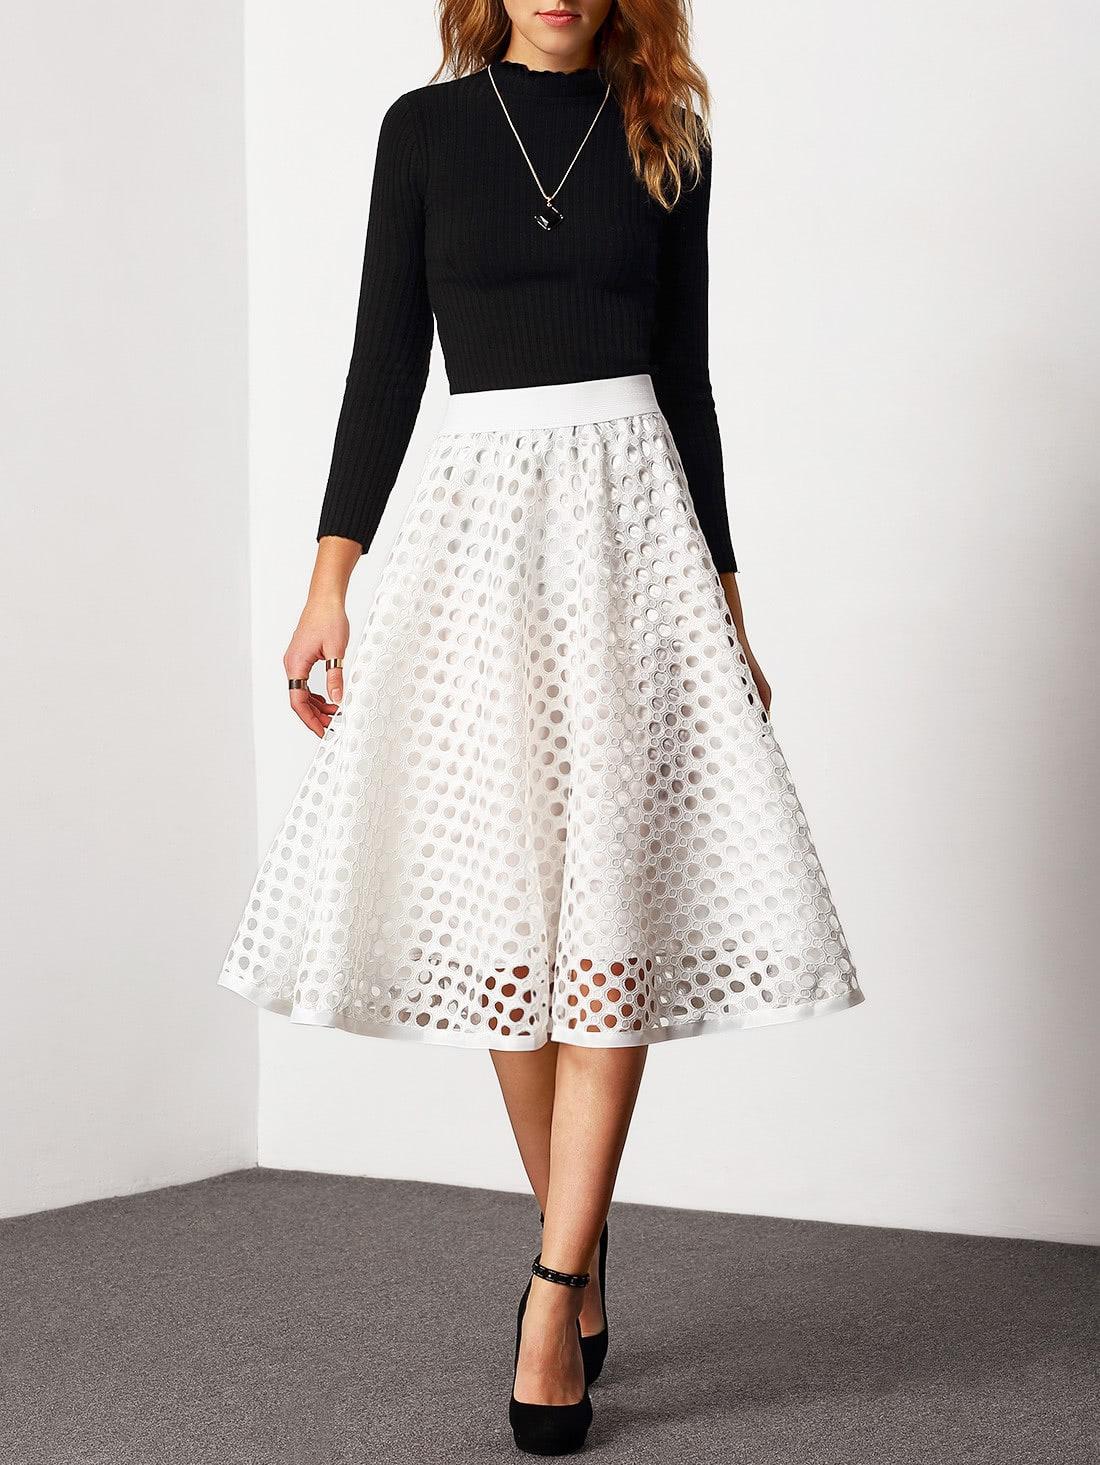 White High Waist Eyelet Skirt